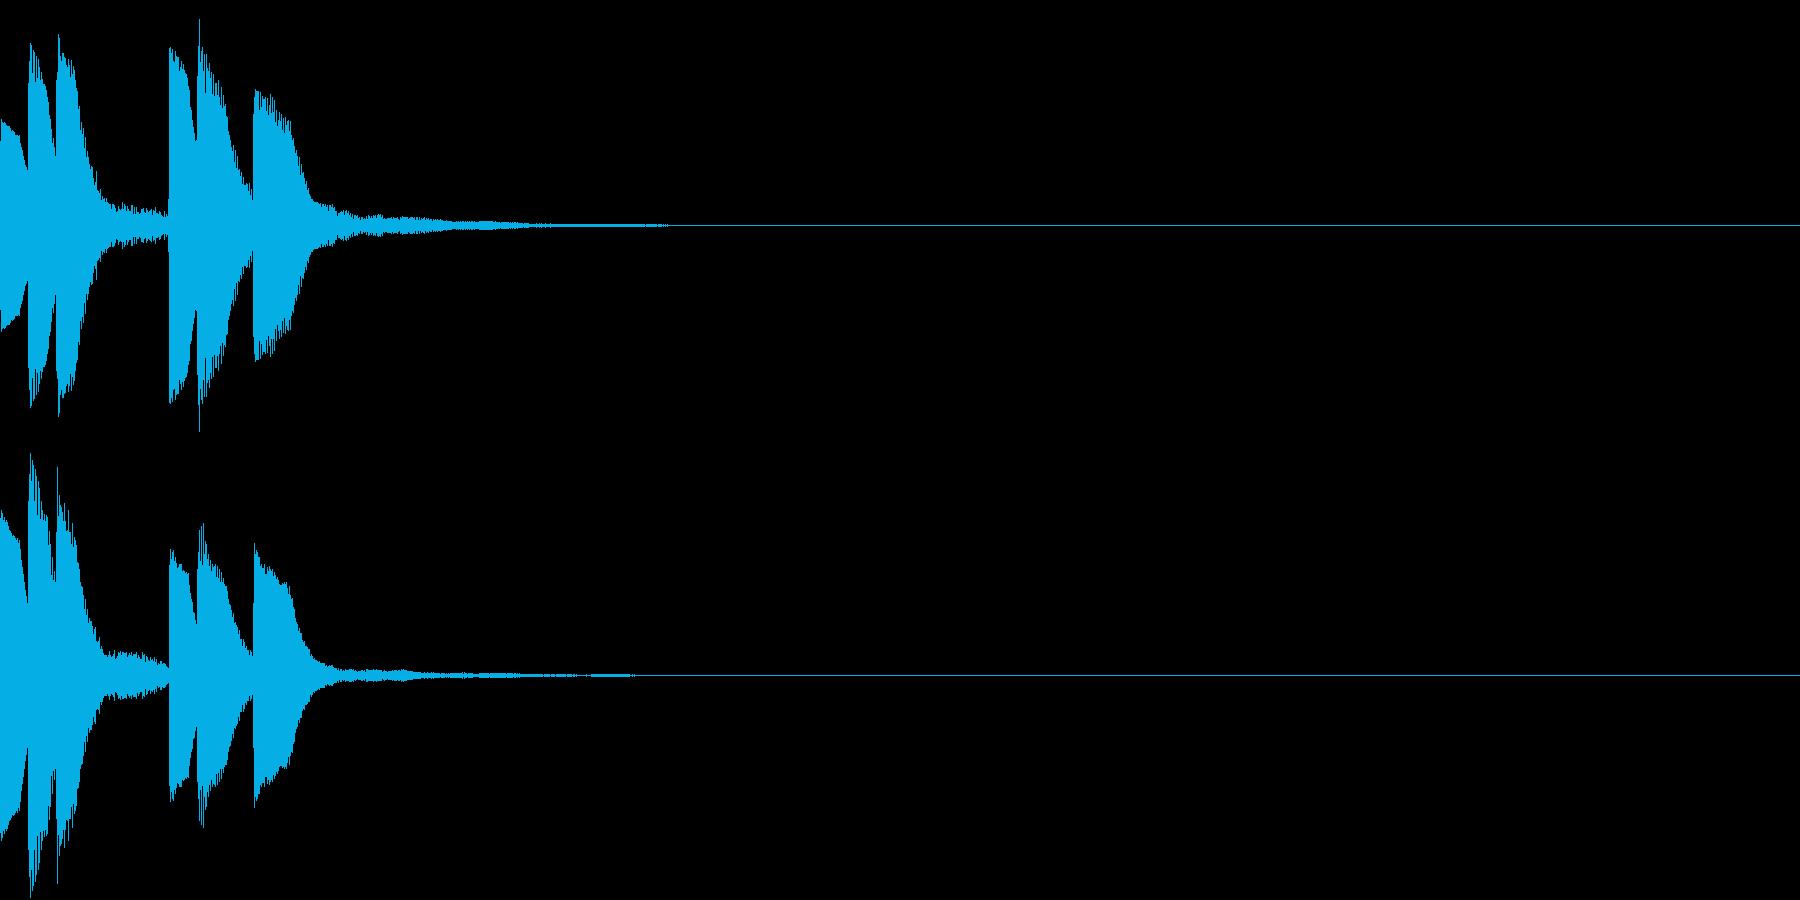 Anime ゆるかわアイキャッチ 3の再生済みの波形